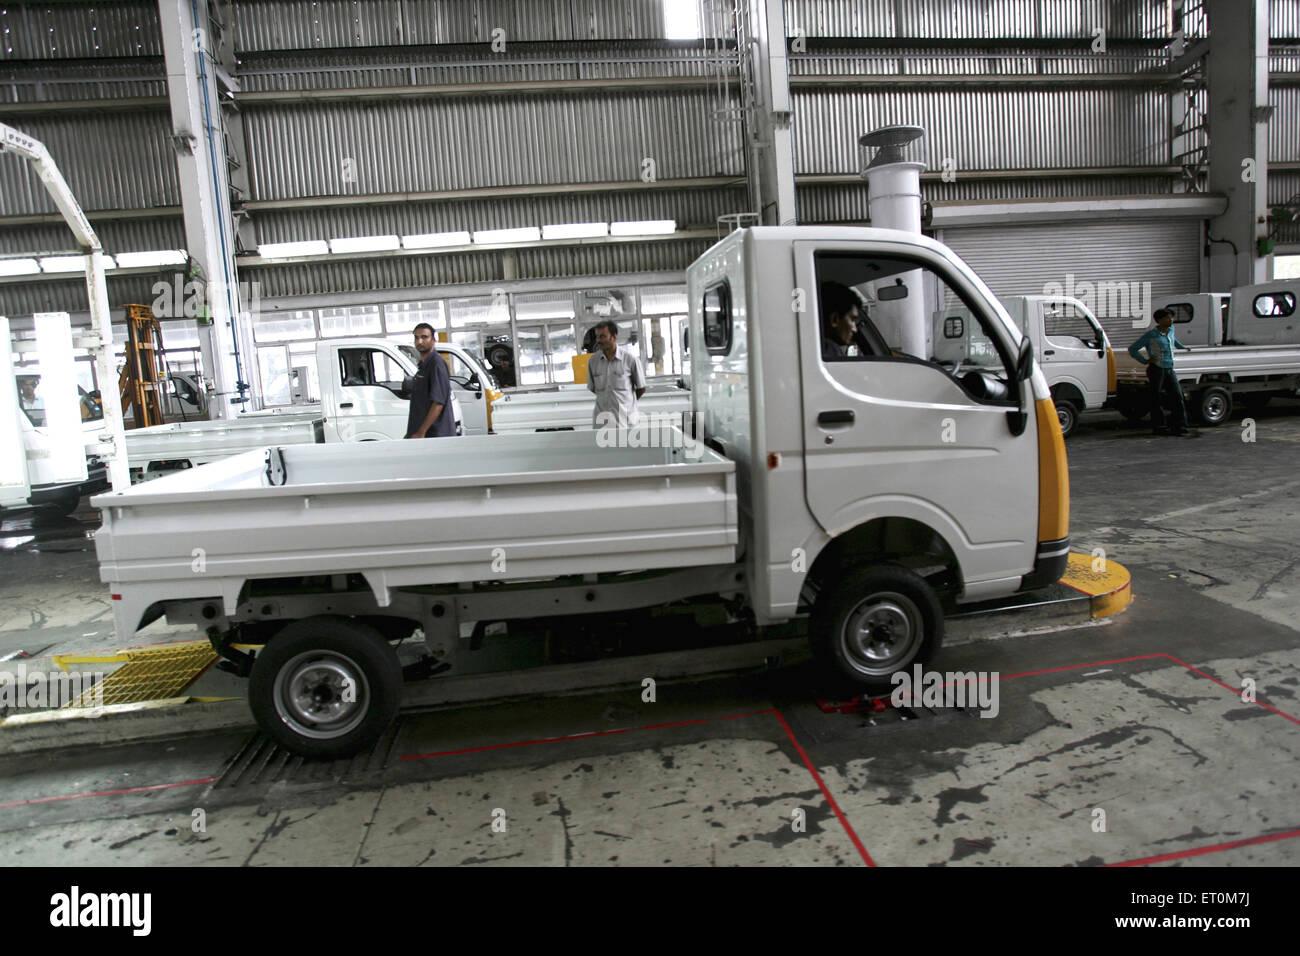 Tata motors new range mini matador Tata Ace commercial vehicle workshop Tata motors plant ; Pimpri Pune - Stock Image